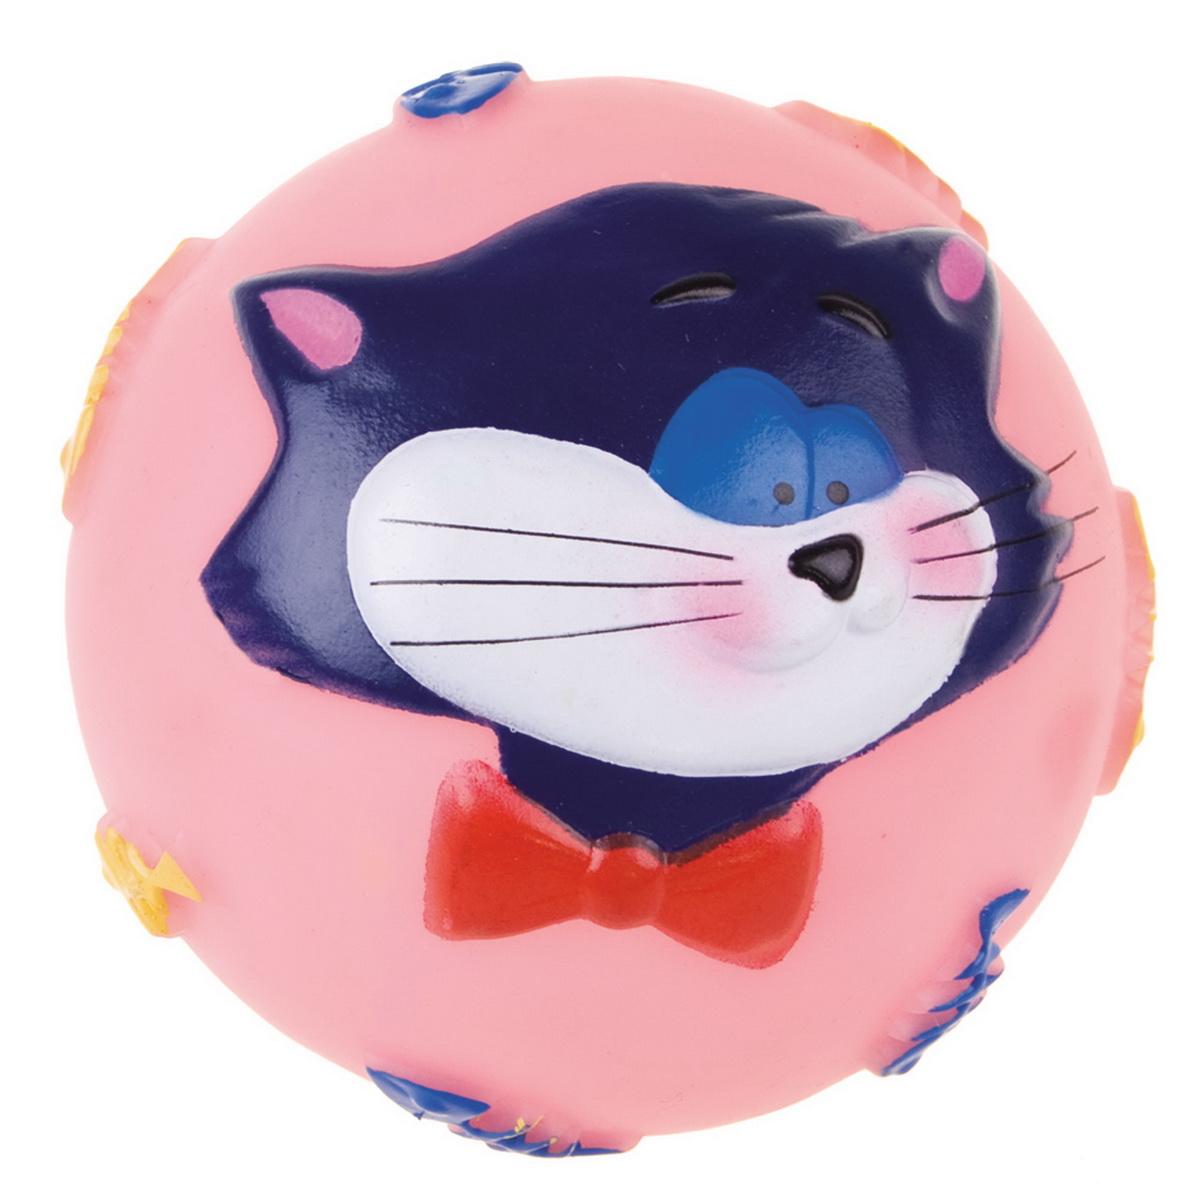 Игрушка для собак Dezzie Мяч. Кошачья улыбка, диаметр 7,5 см27799306_зеленыйИгрушка для собак Dezzie Мяч. Кошачья улыбка изготовлена из винила в виде мяча с изображением кота. Такая игрушка практична, функциональна и совершенно безопасна для здоровья животного. Ее легко мыть и дезинфицировать. Игрушка очень легкая, поэтому собаке совсем нетрудно брать ее в пасть и переносить с места на место. Игрушка для собак Dezzie Мяч. Кошачья улыбка станет прекрасным подарком для неугомонного четвероногого питомца.Диаметр мяча: 7,5 см.